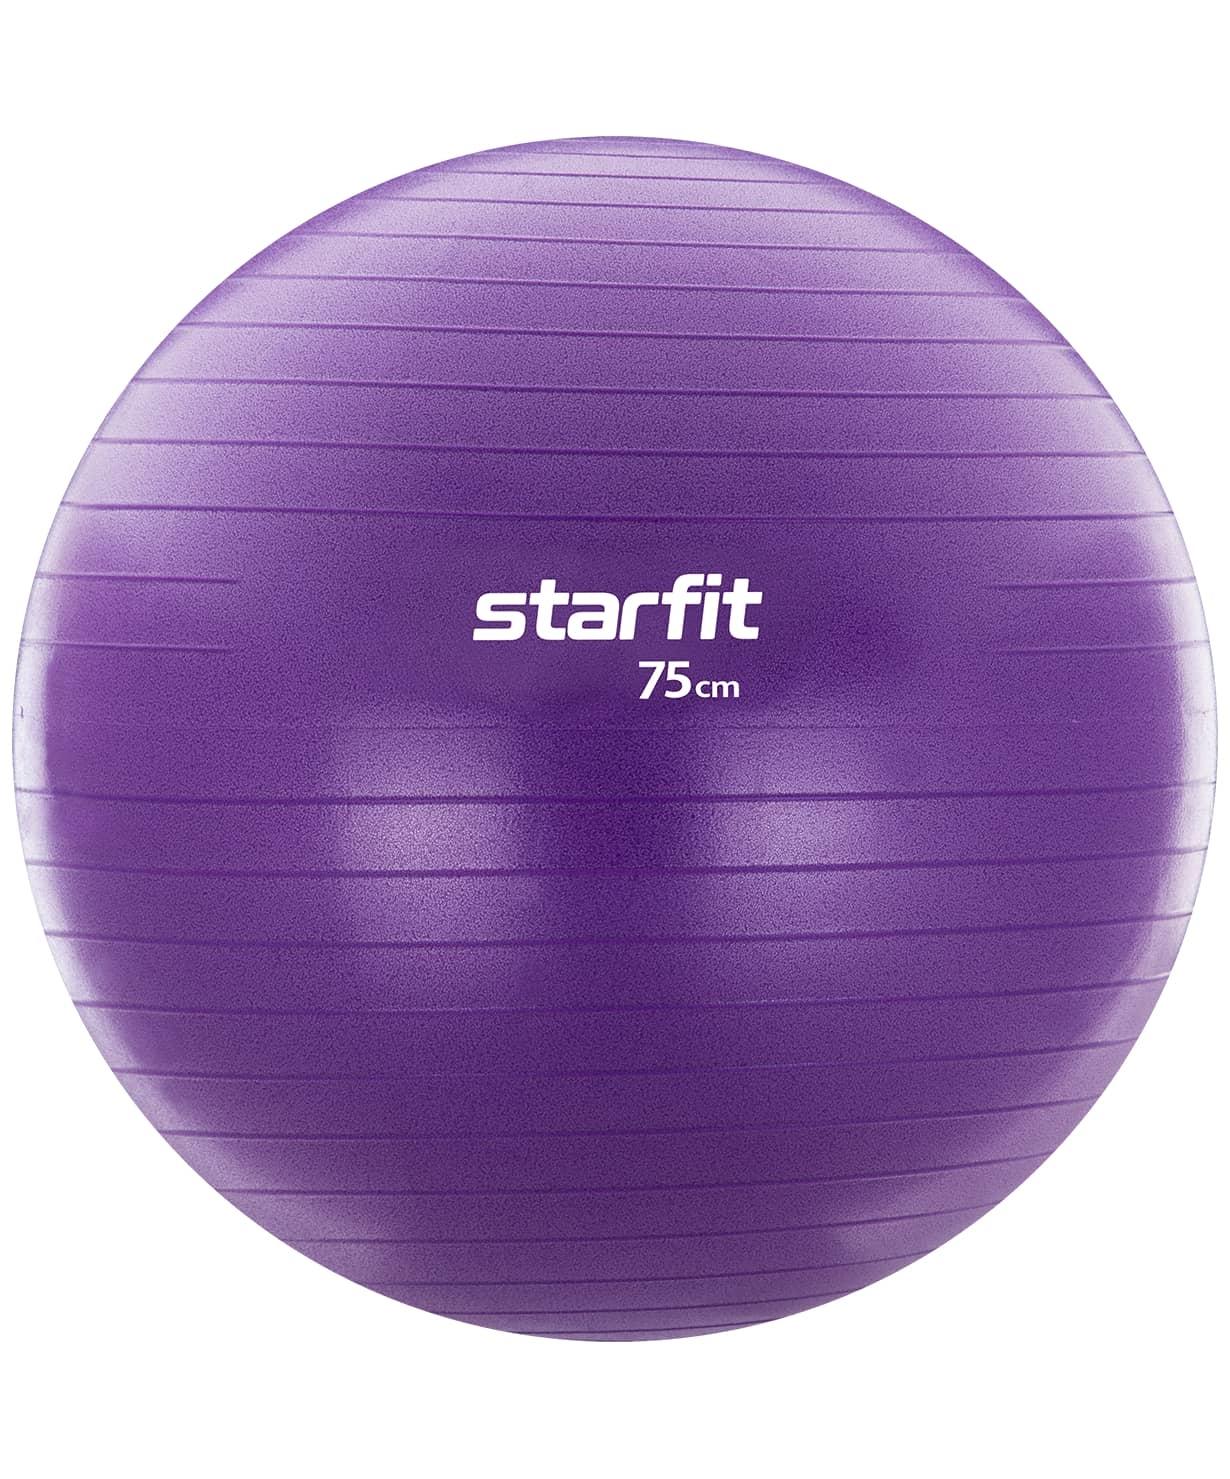 Фитбол STARFIT GB-106 75 см, 1200 гр, с ручным насосом, фиолетовый (антивзрыв)